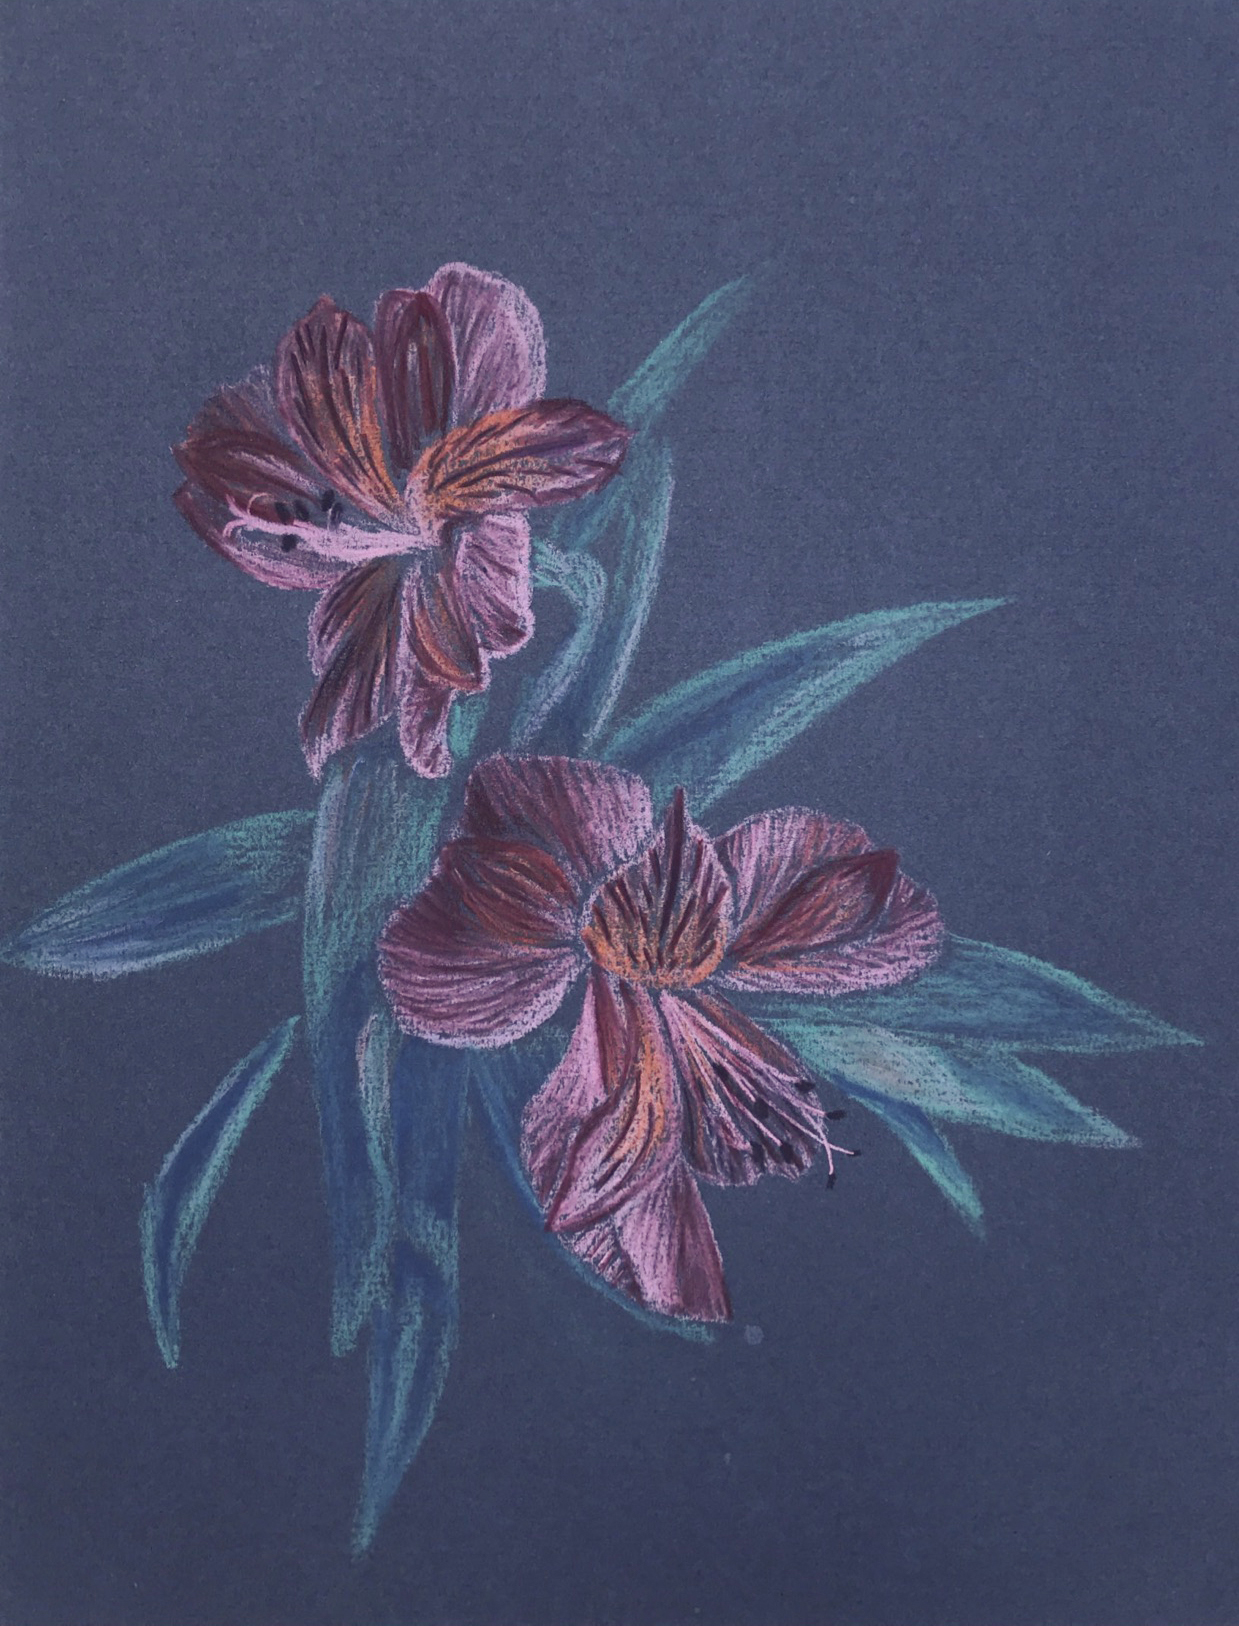 Alstremirium flowers - chalk